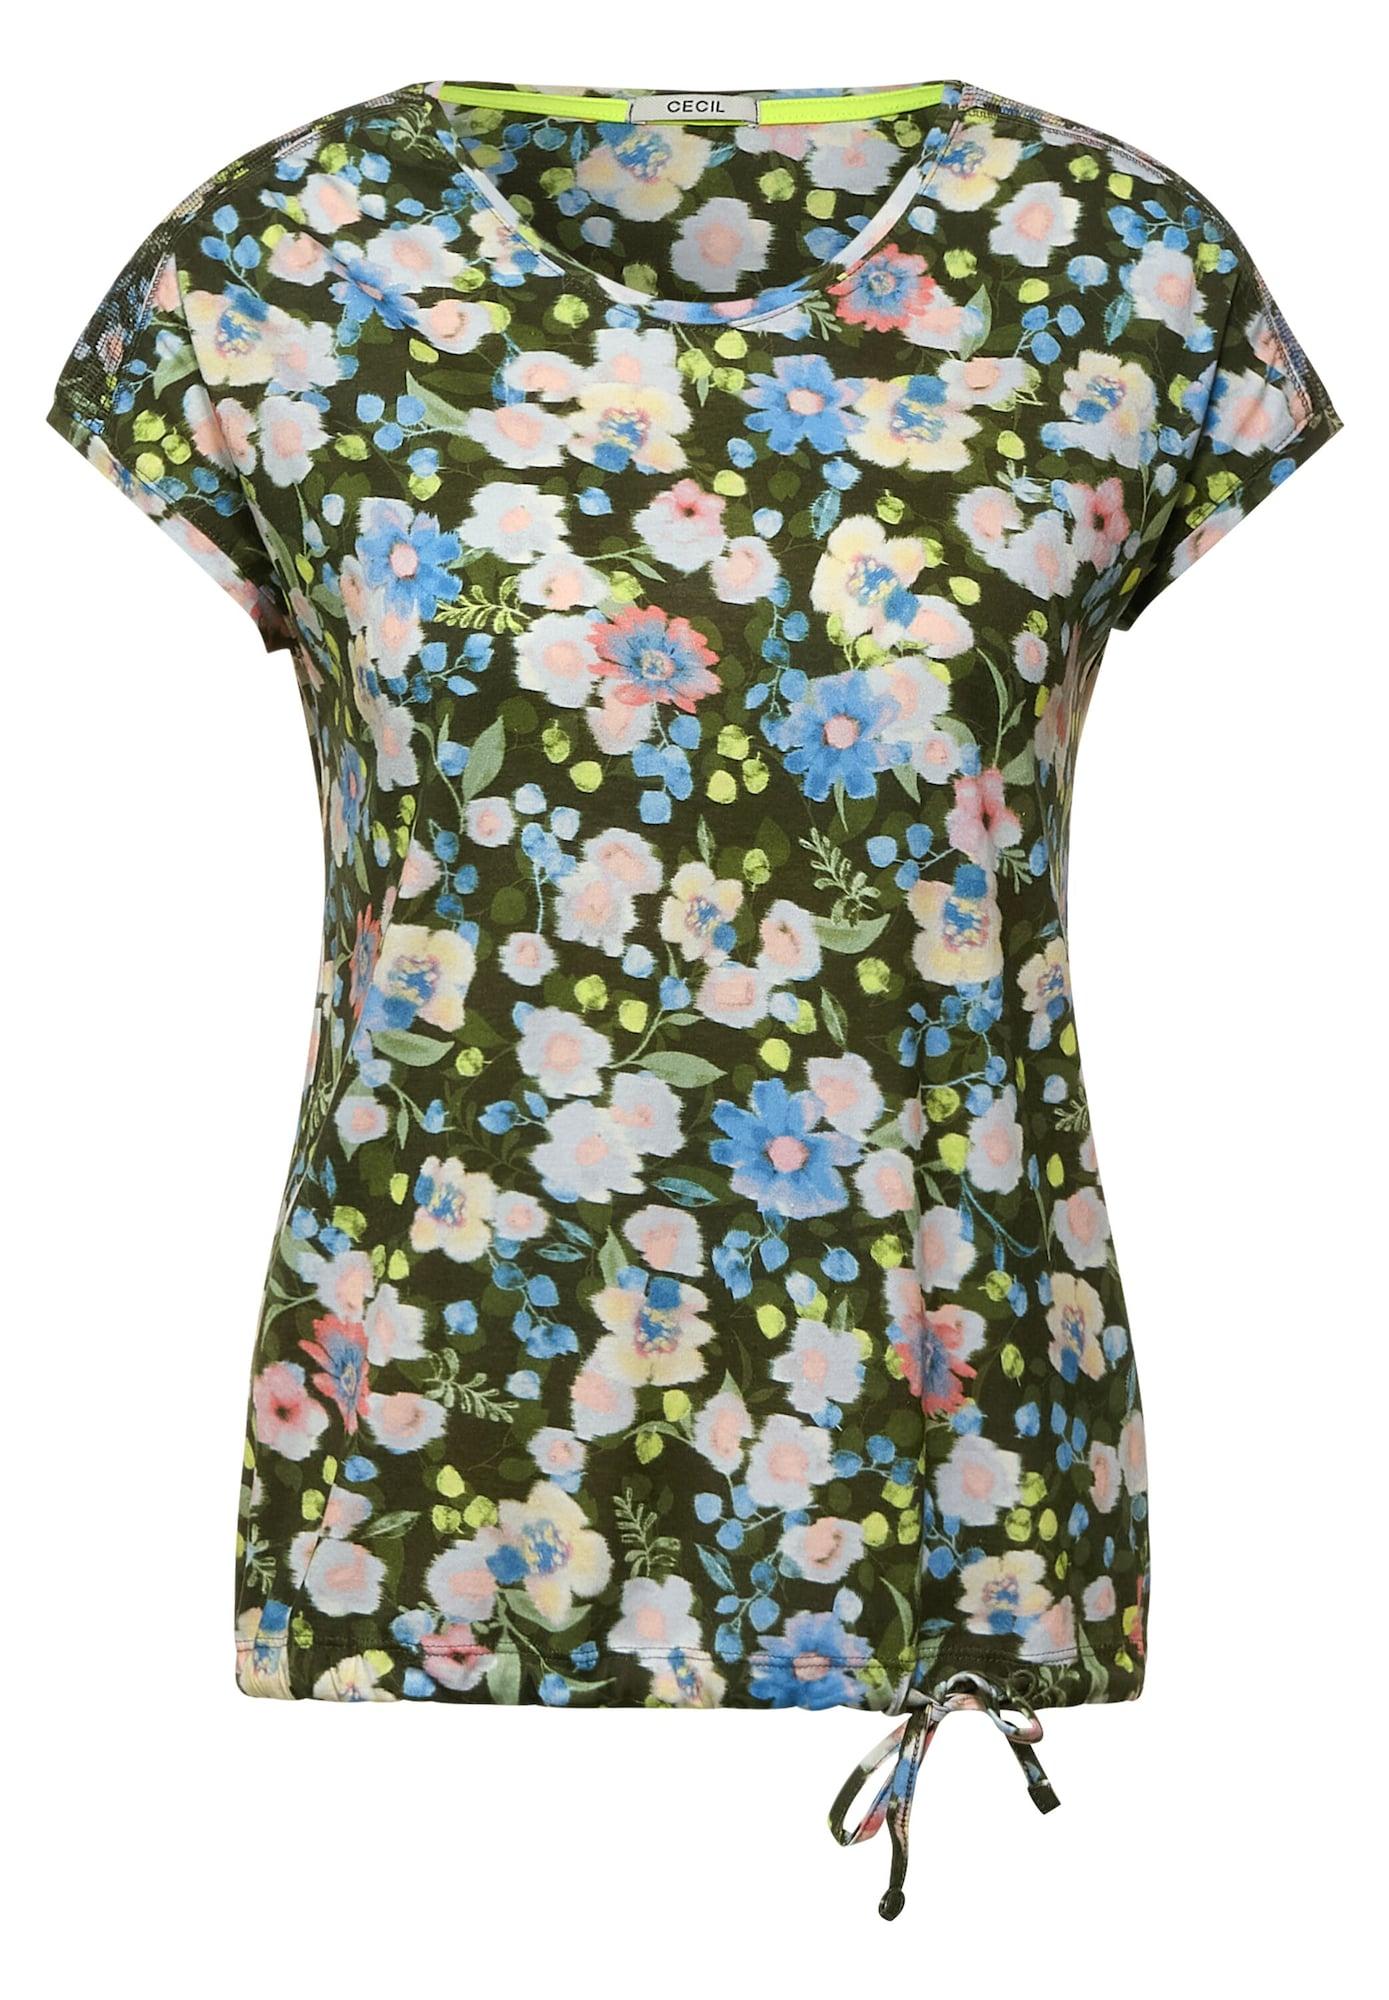 CECIL Marškinėliai žalia / mėlyna / geltona / rožinė